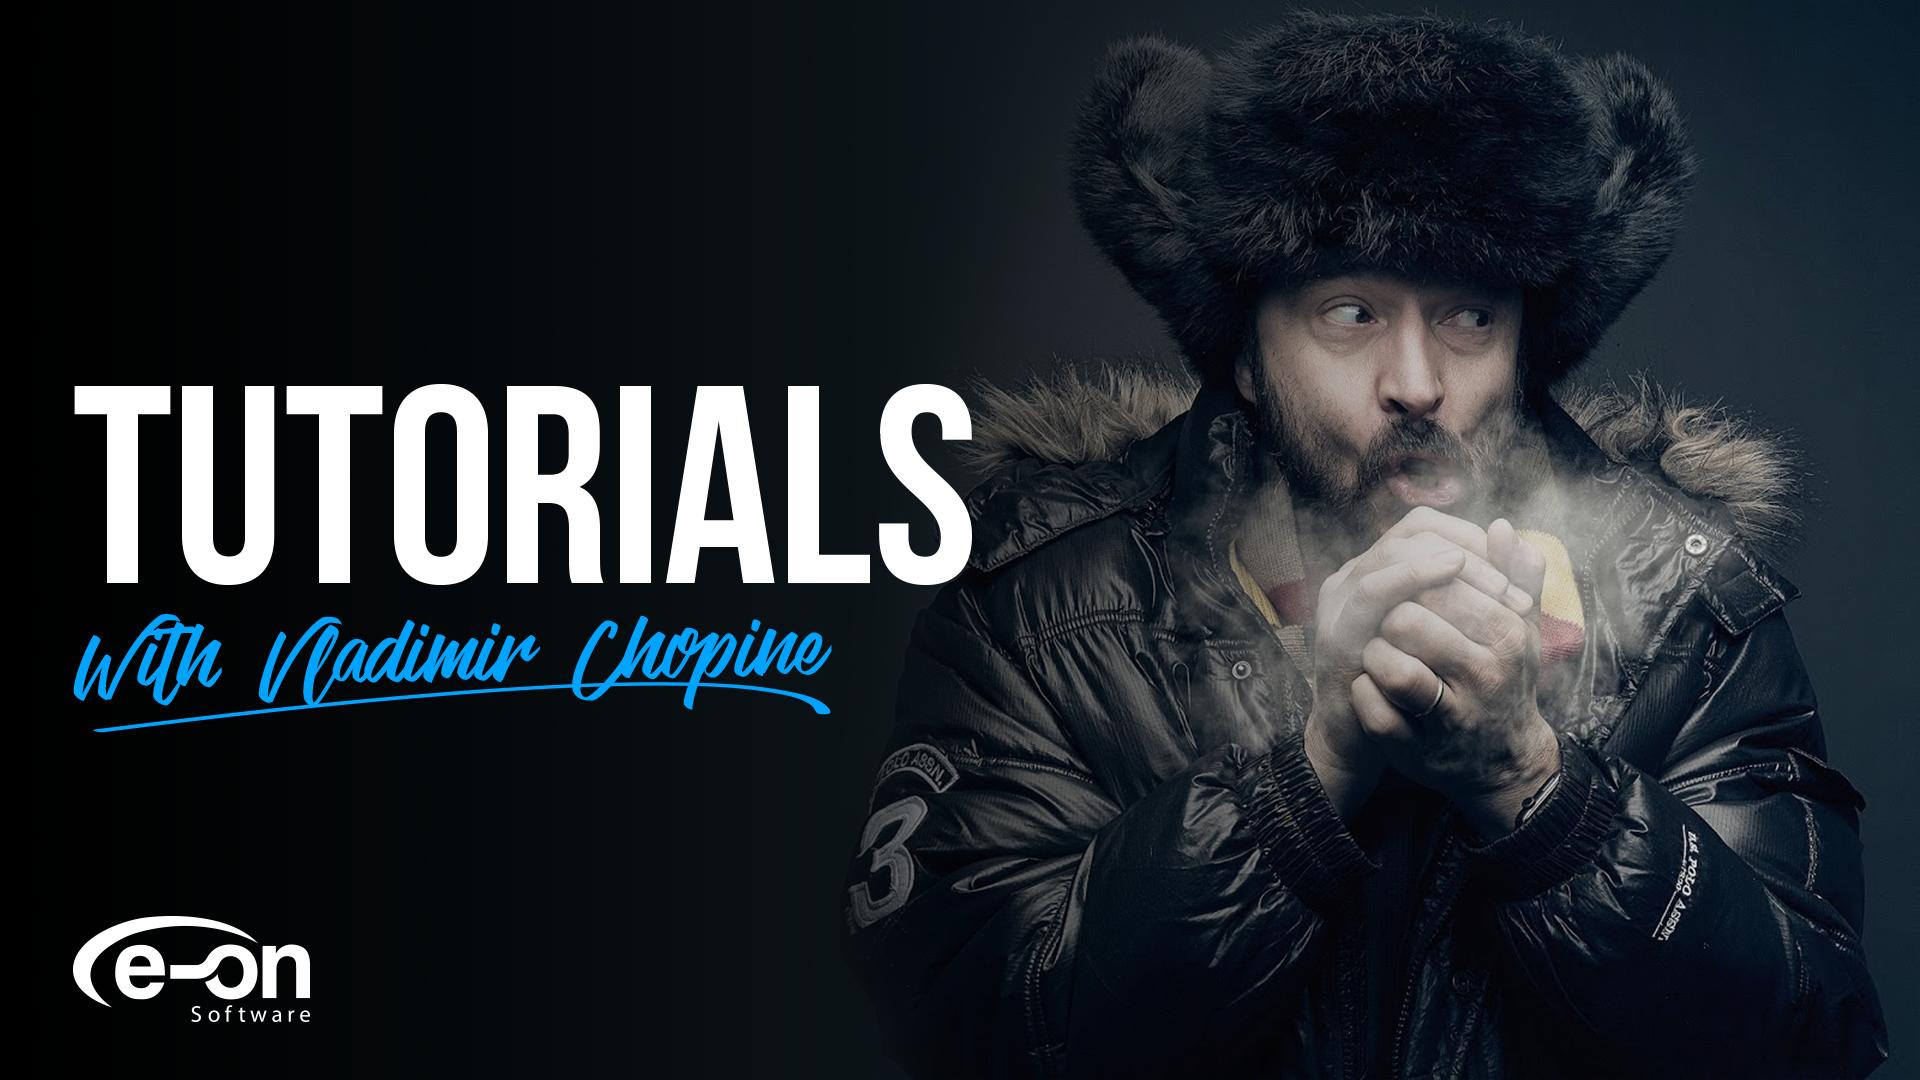 Banner Tutorials with Vladimir Chopine